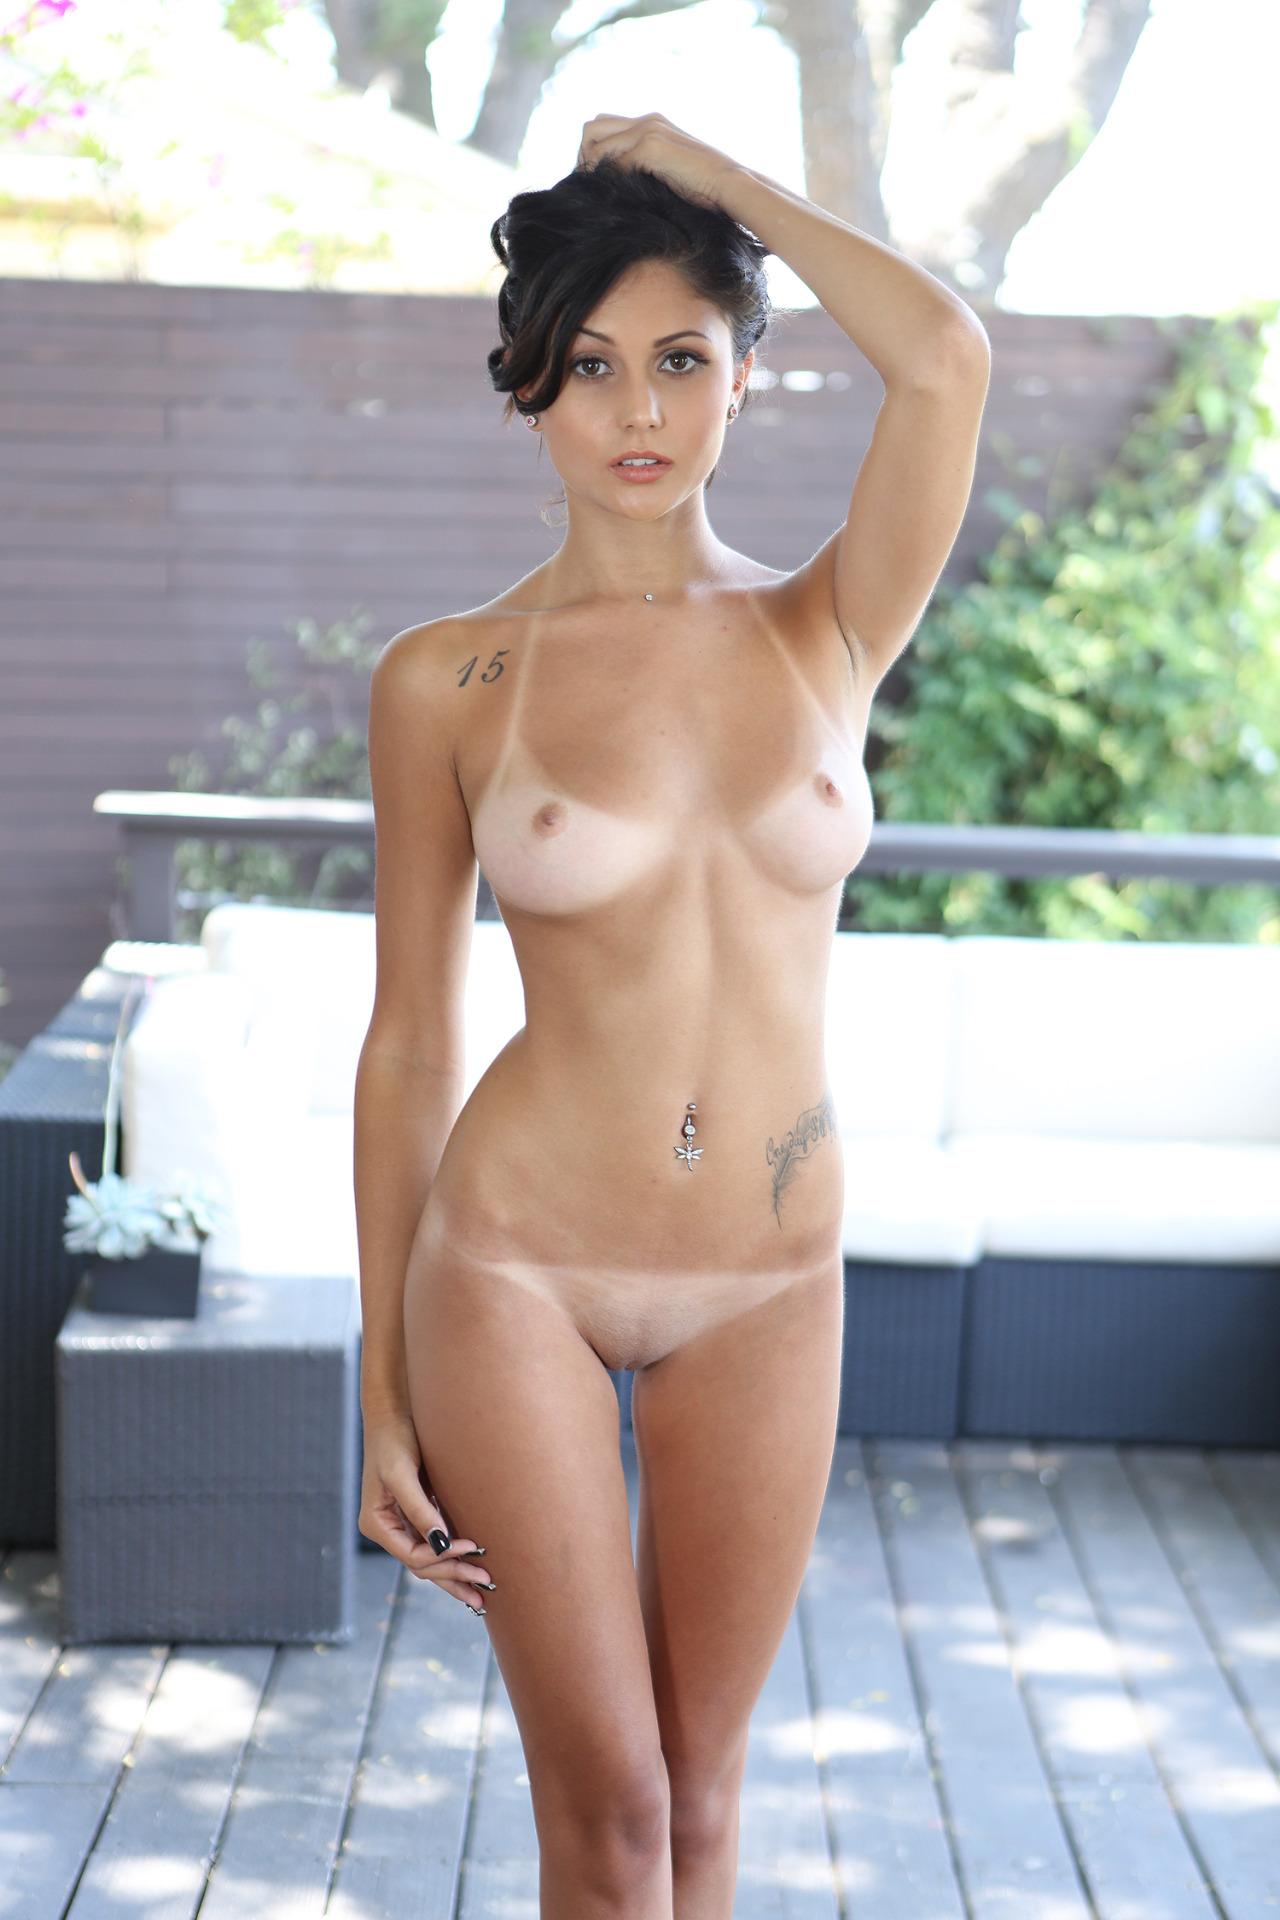 Massive creampie porn gifs pornhub_pic12908